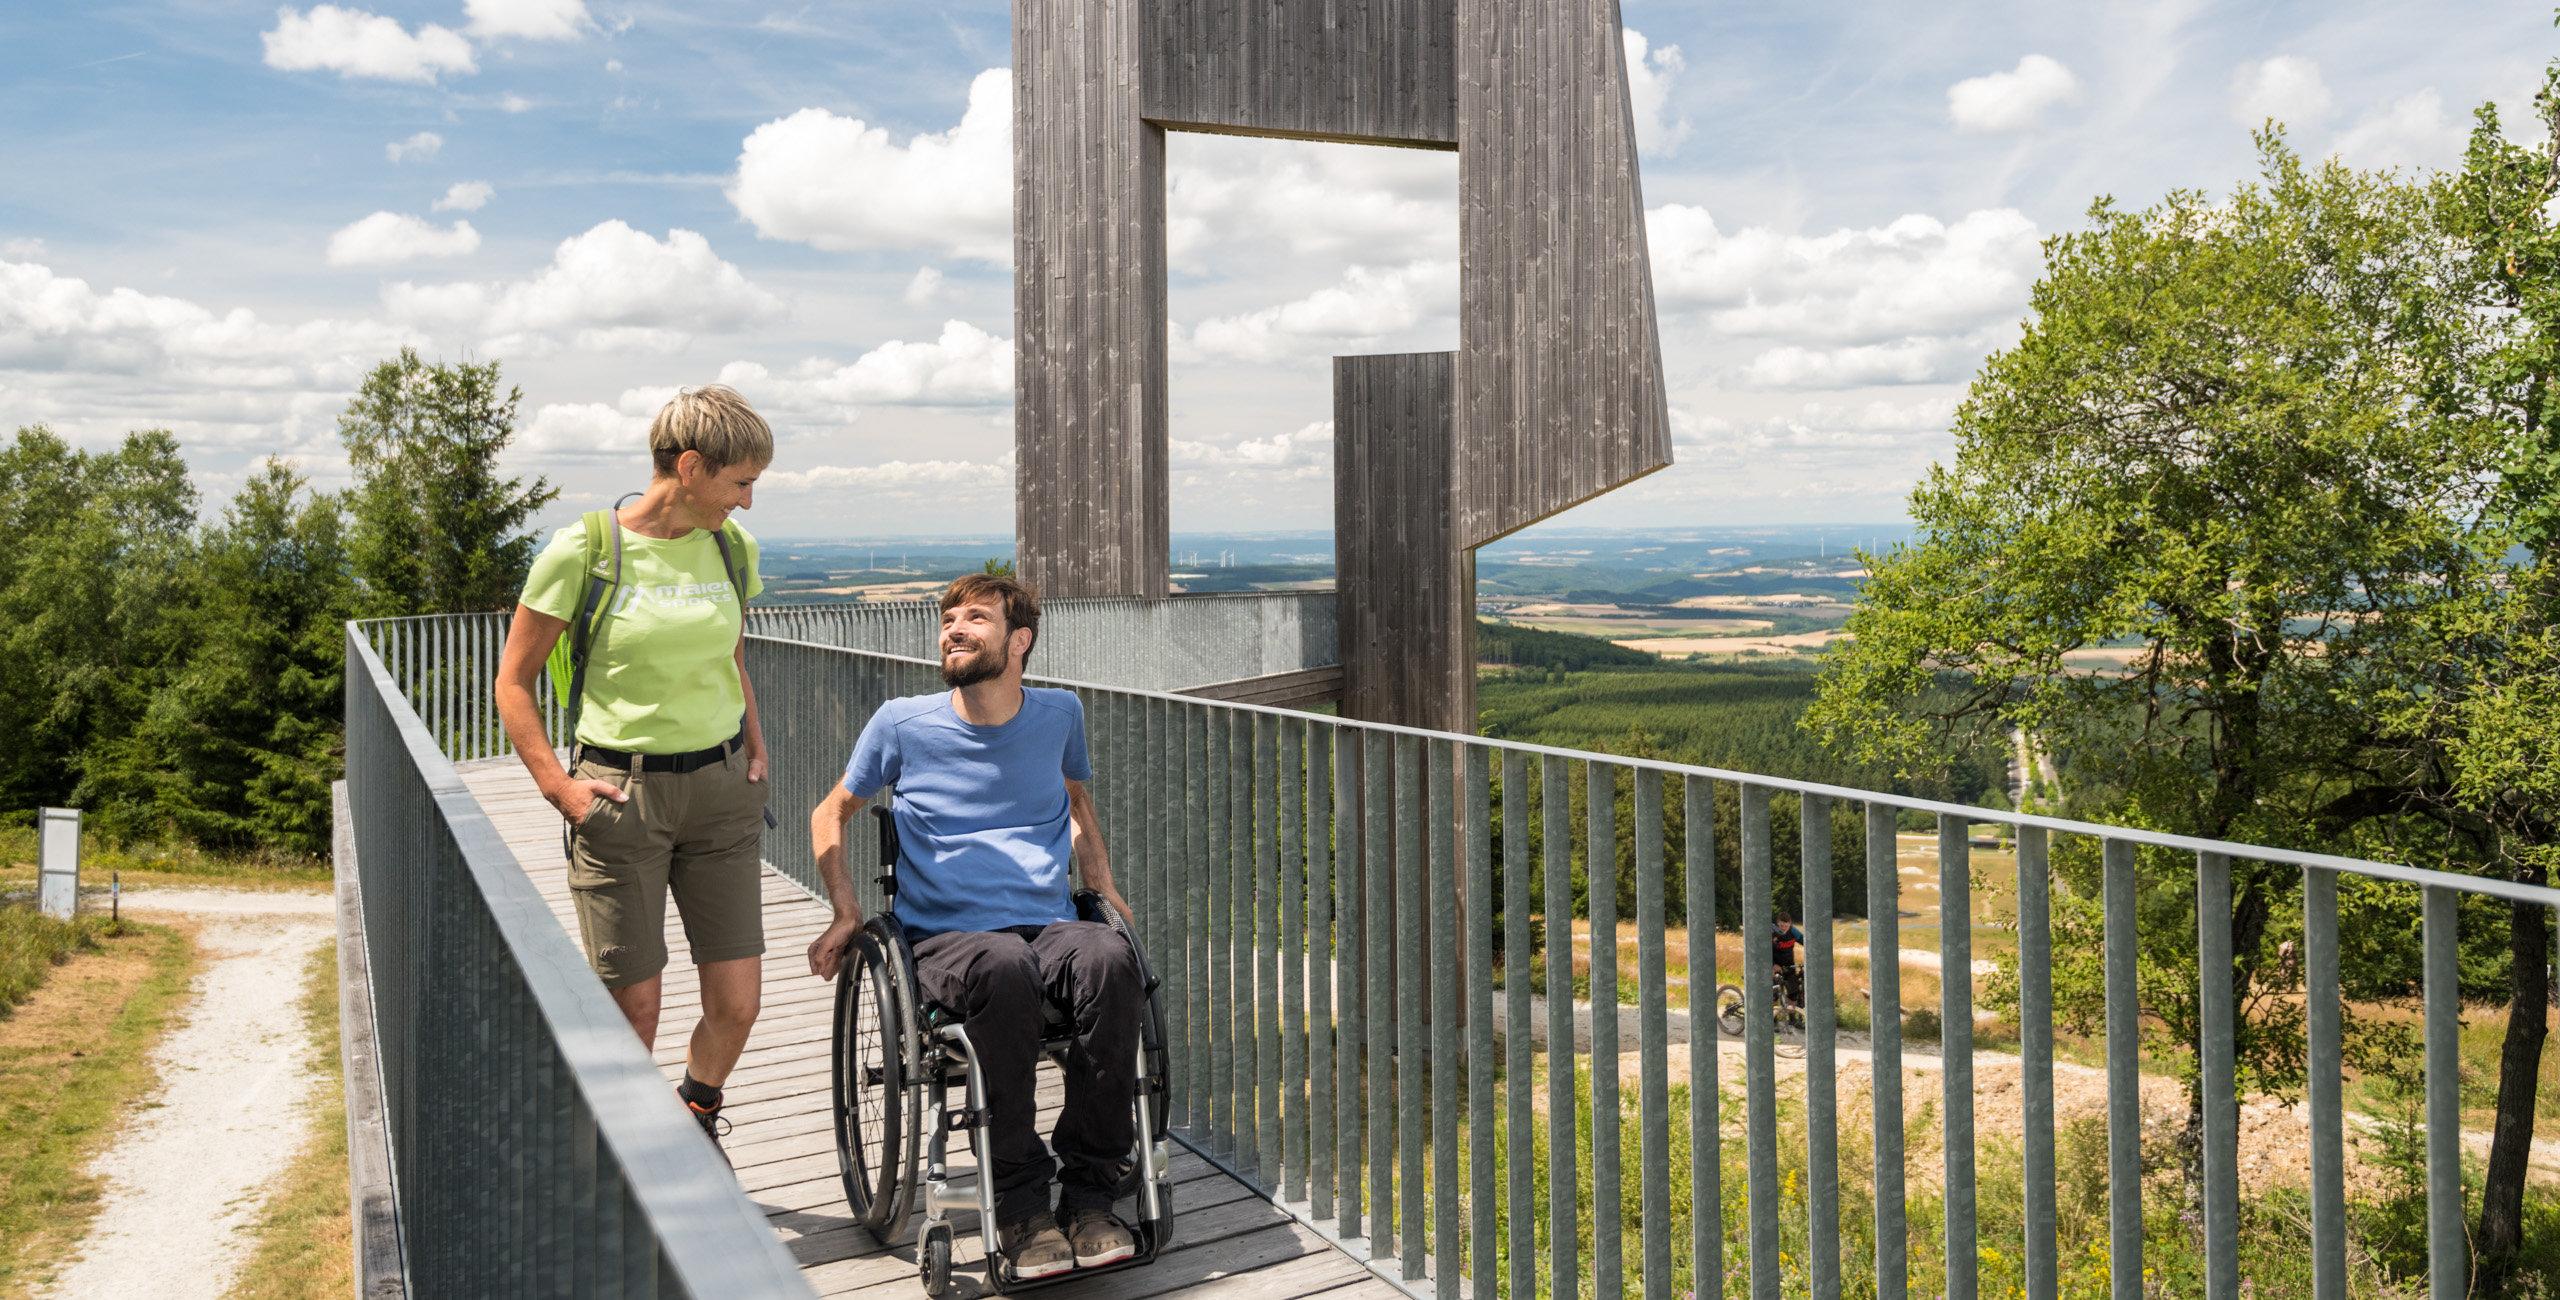 Uitzichtplatform Windklang op de Erbeskopf, Hunsrück